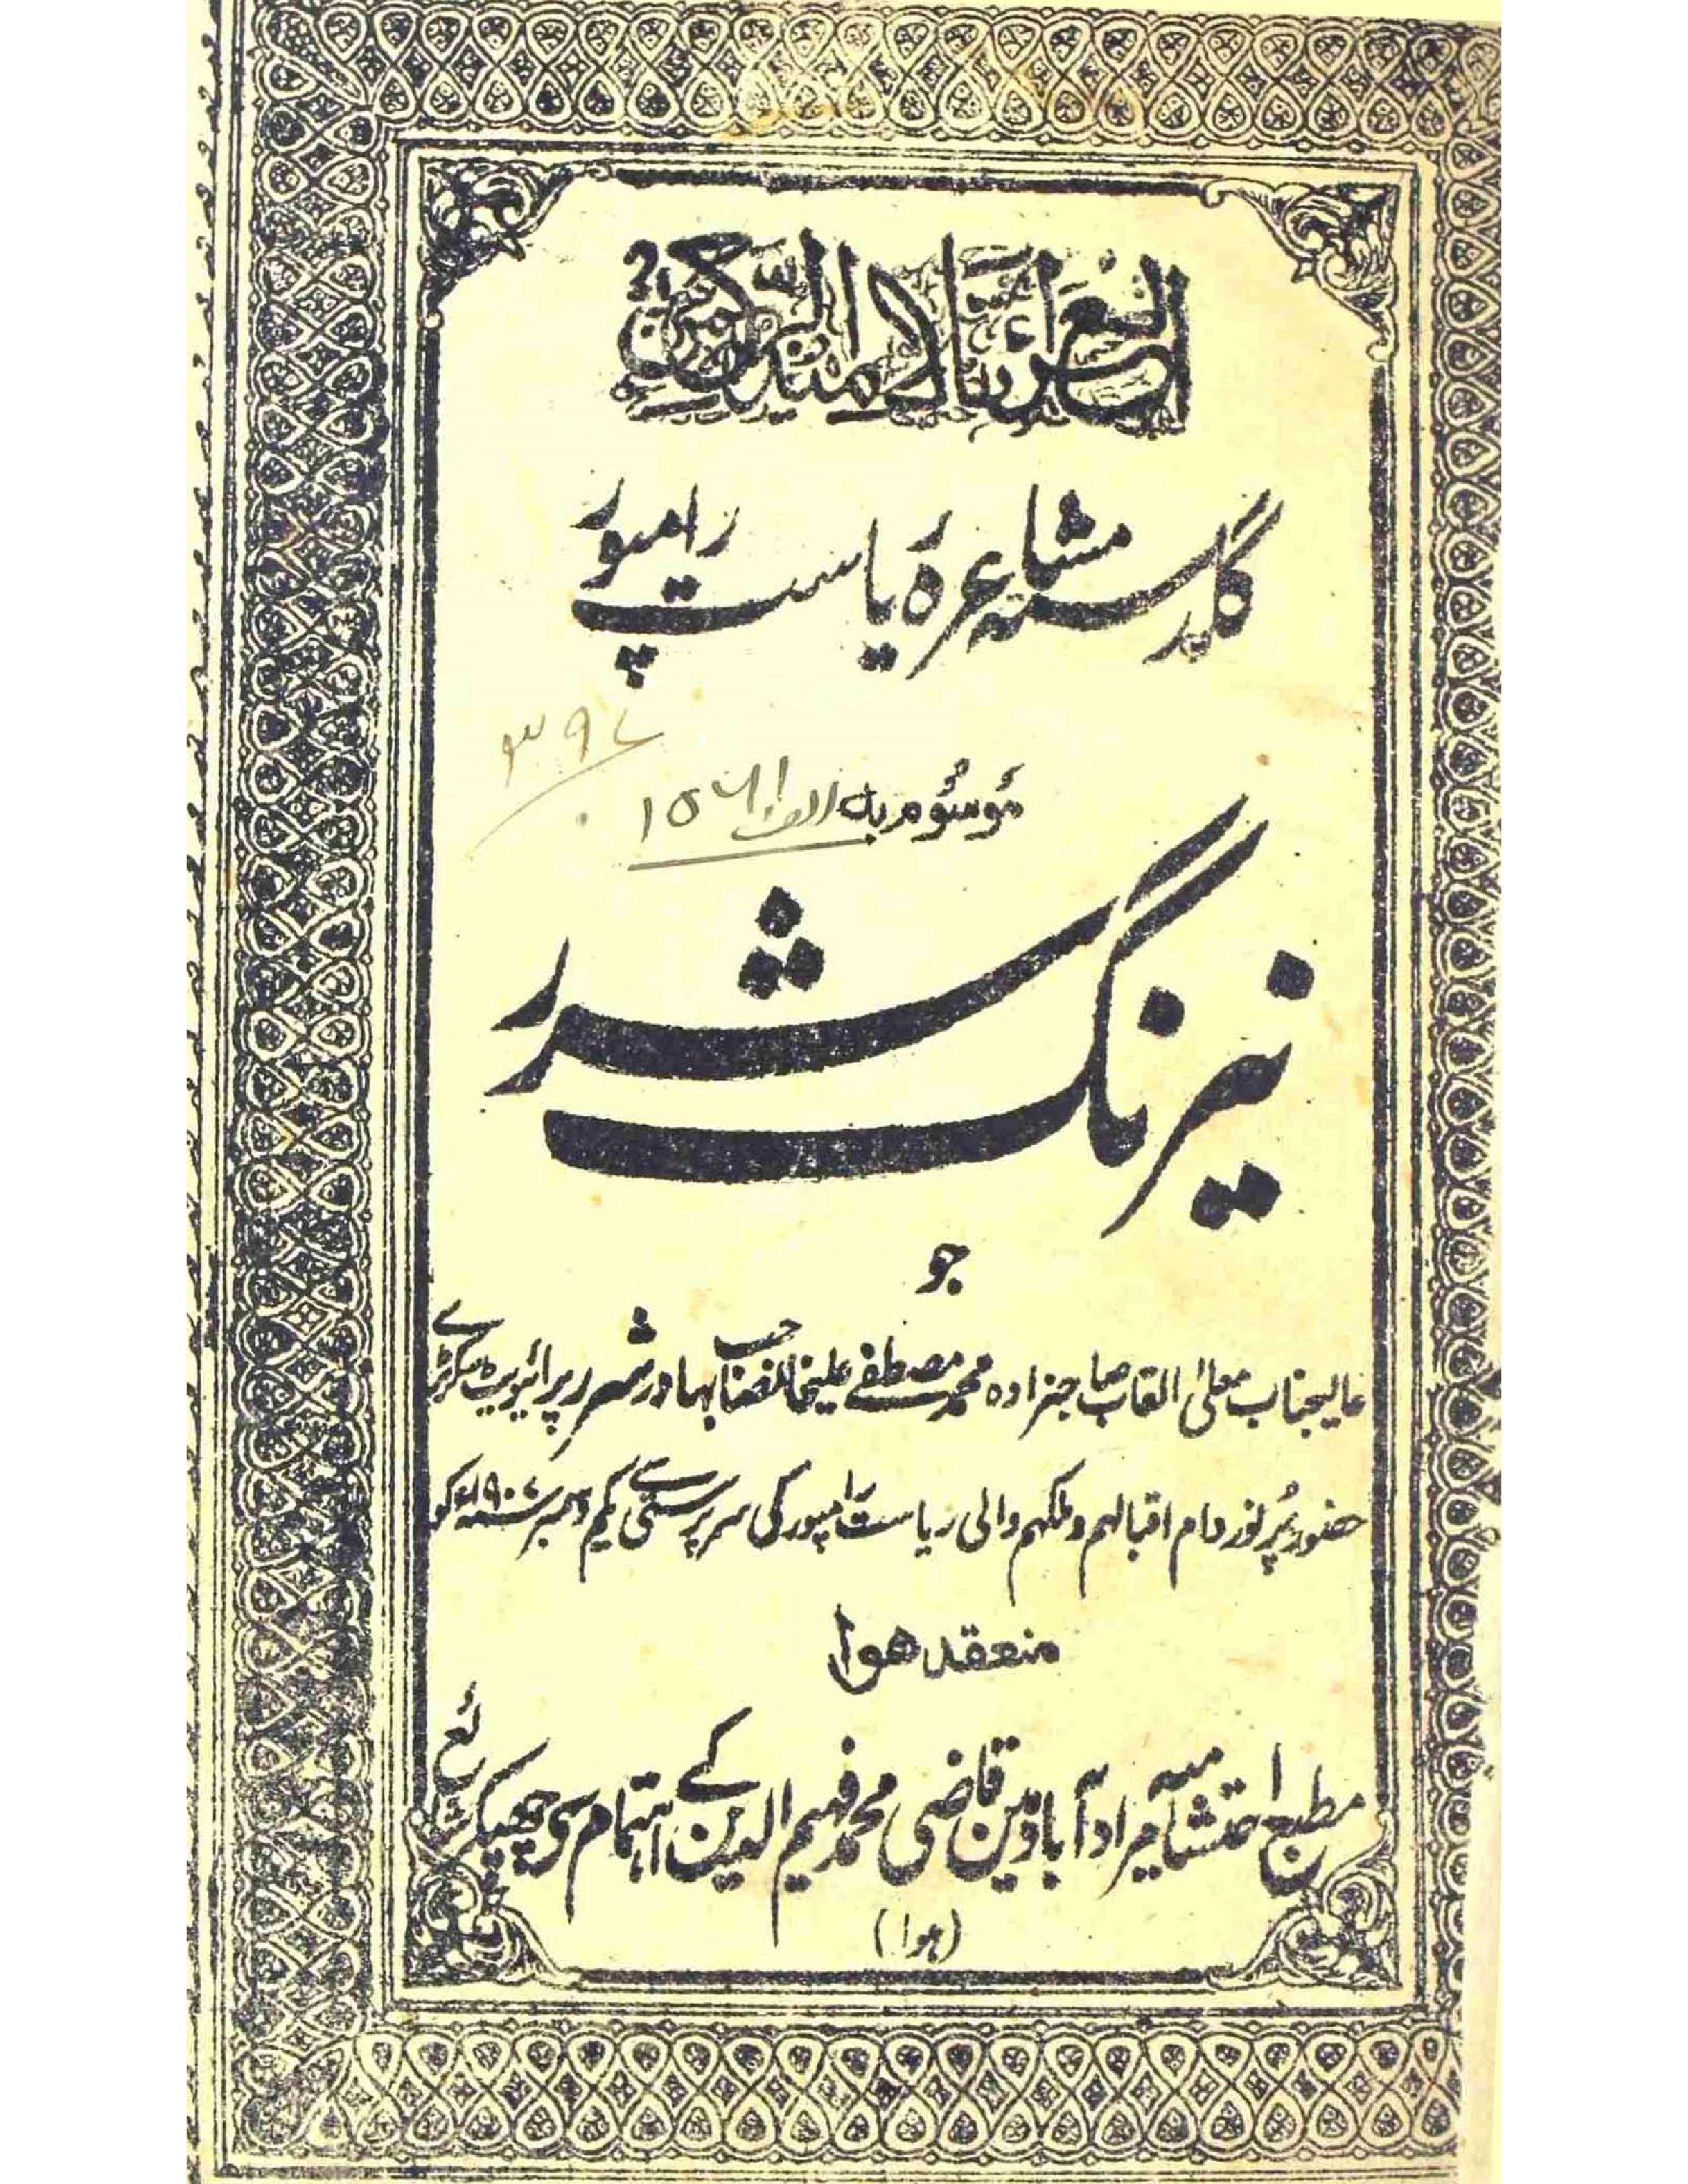 Nairang-e-Sharar